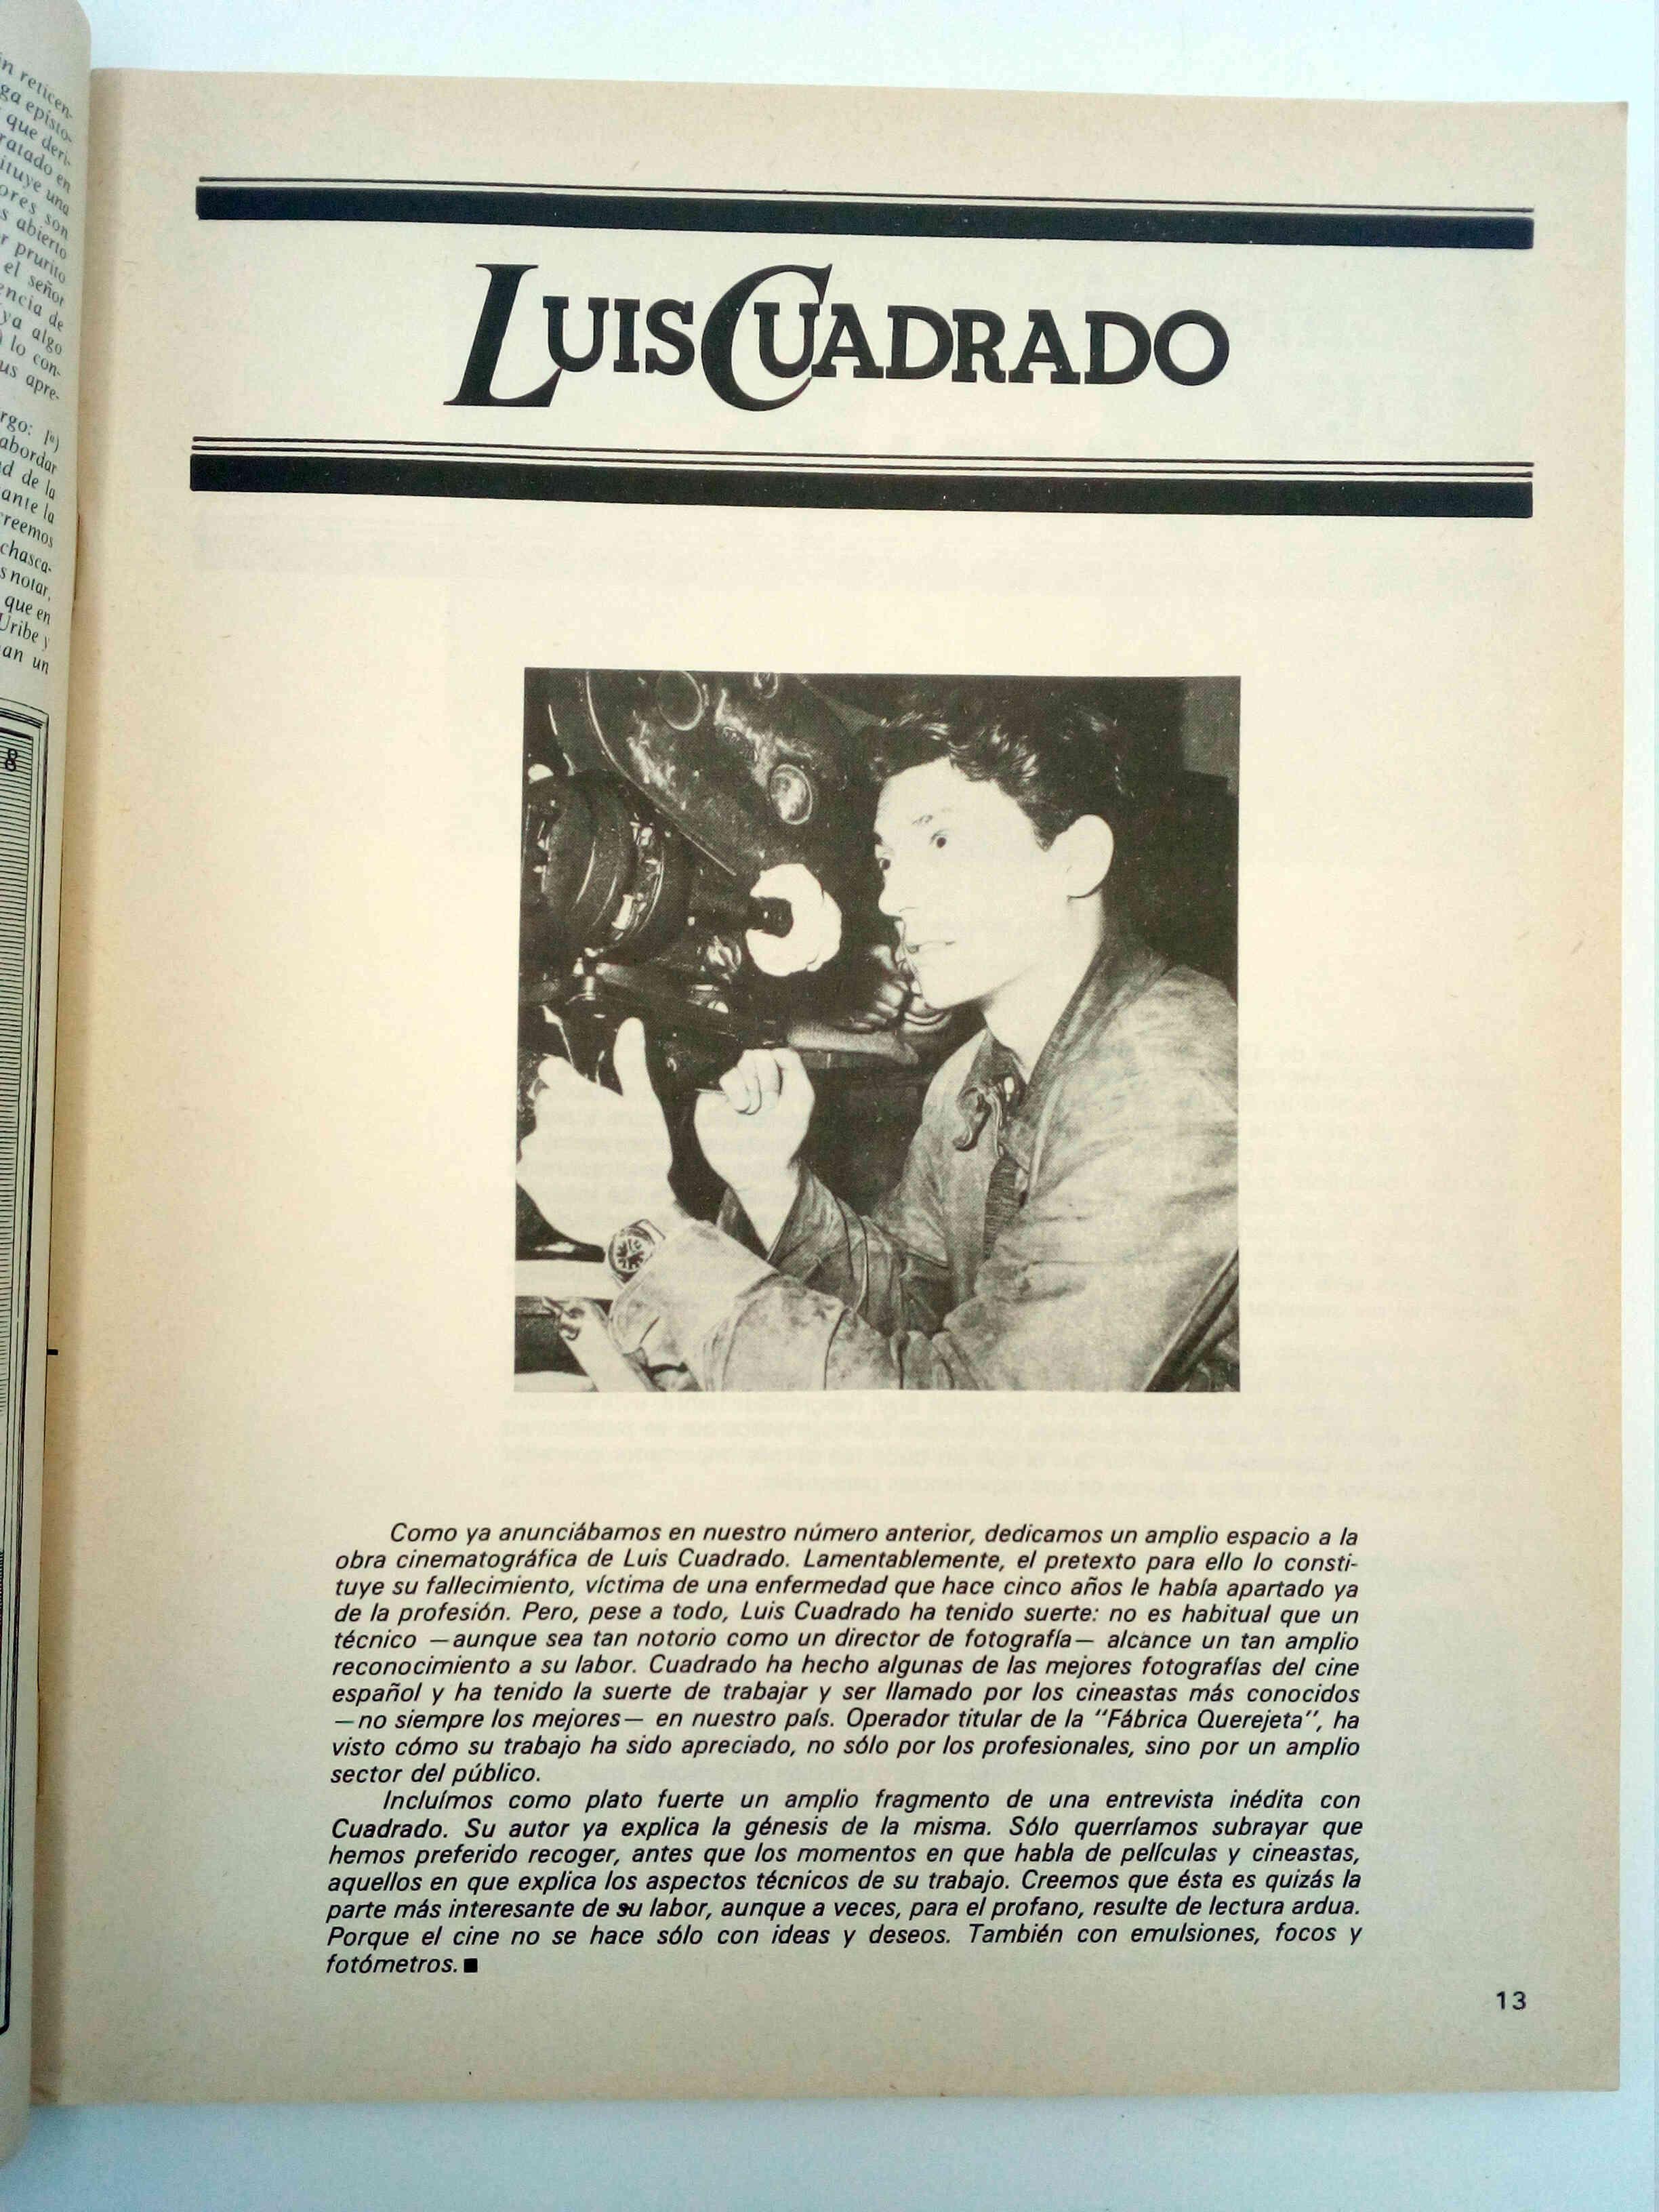 CONTRACAMPO REVISTA DE CINE EXTRA 10 11. BERTOLUCCI / LUÍS CUADRADO